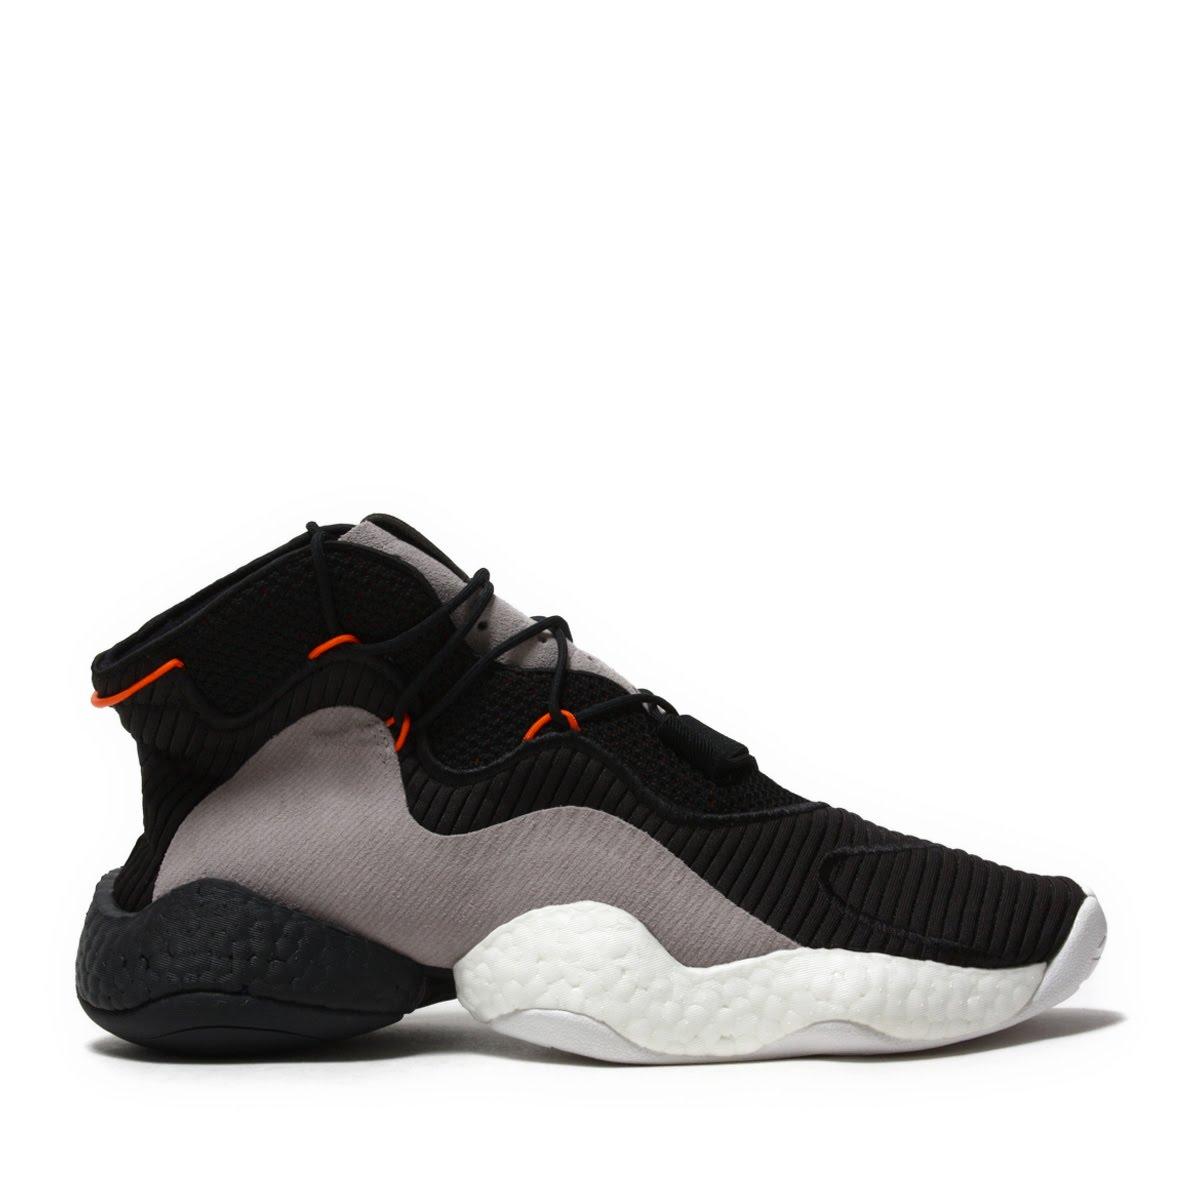 on sale 7e314 2bc96 adidas Originals CRAZY BYW (Adidas originals crazy BYW) CORE BLACKORANGEHI -RES RED 18FW-I